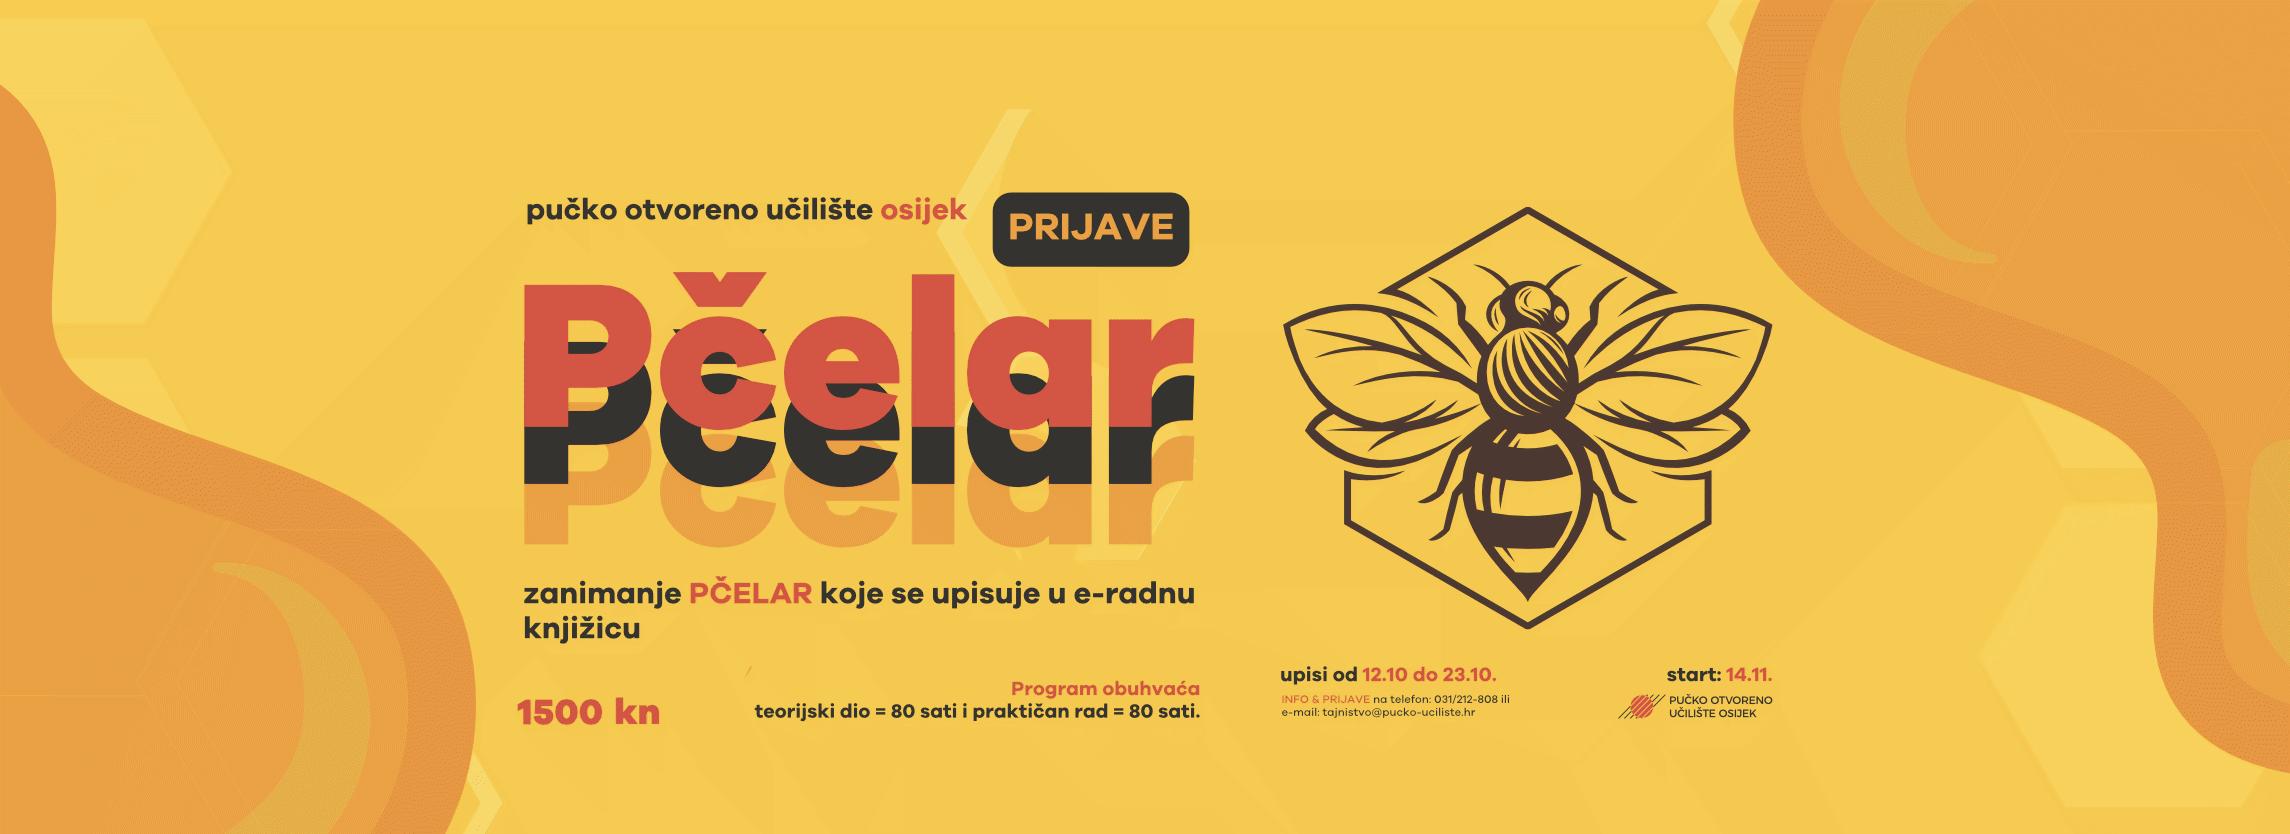 Pčelari – upisi i informacije